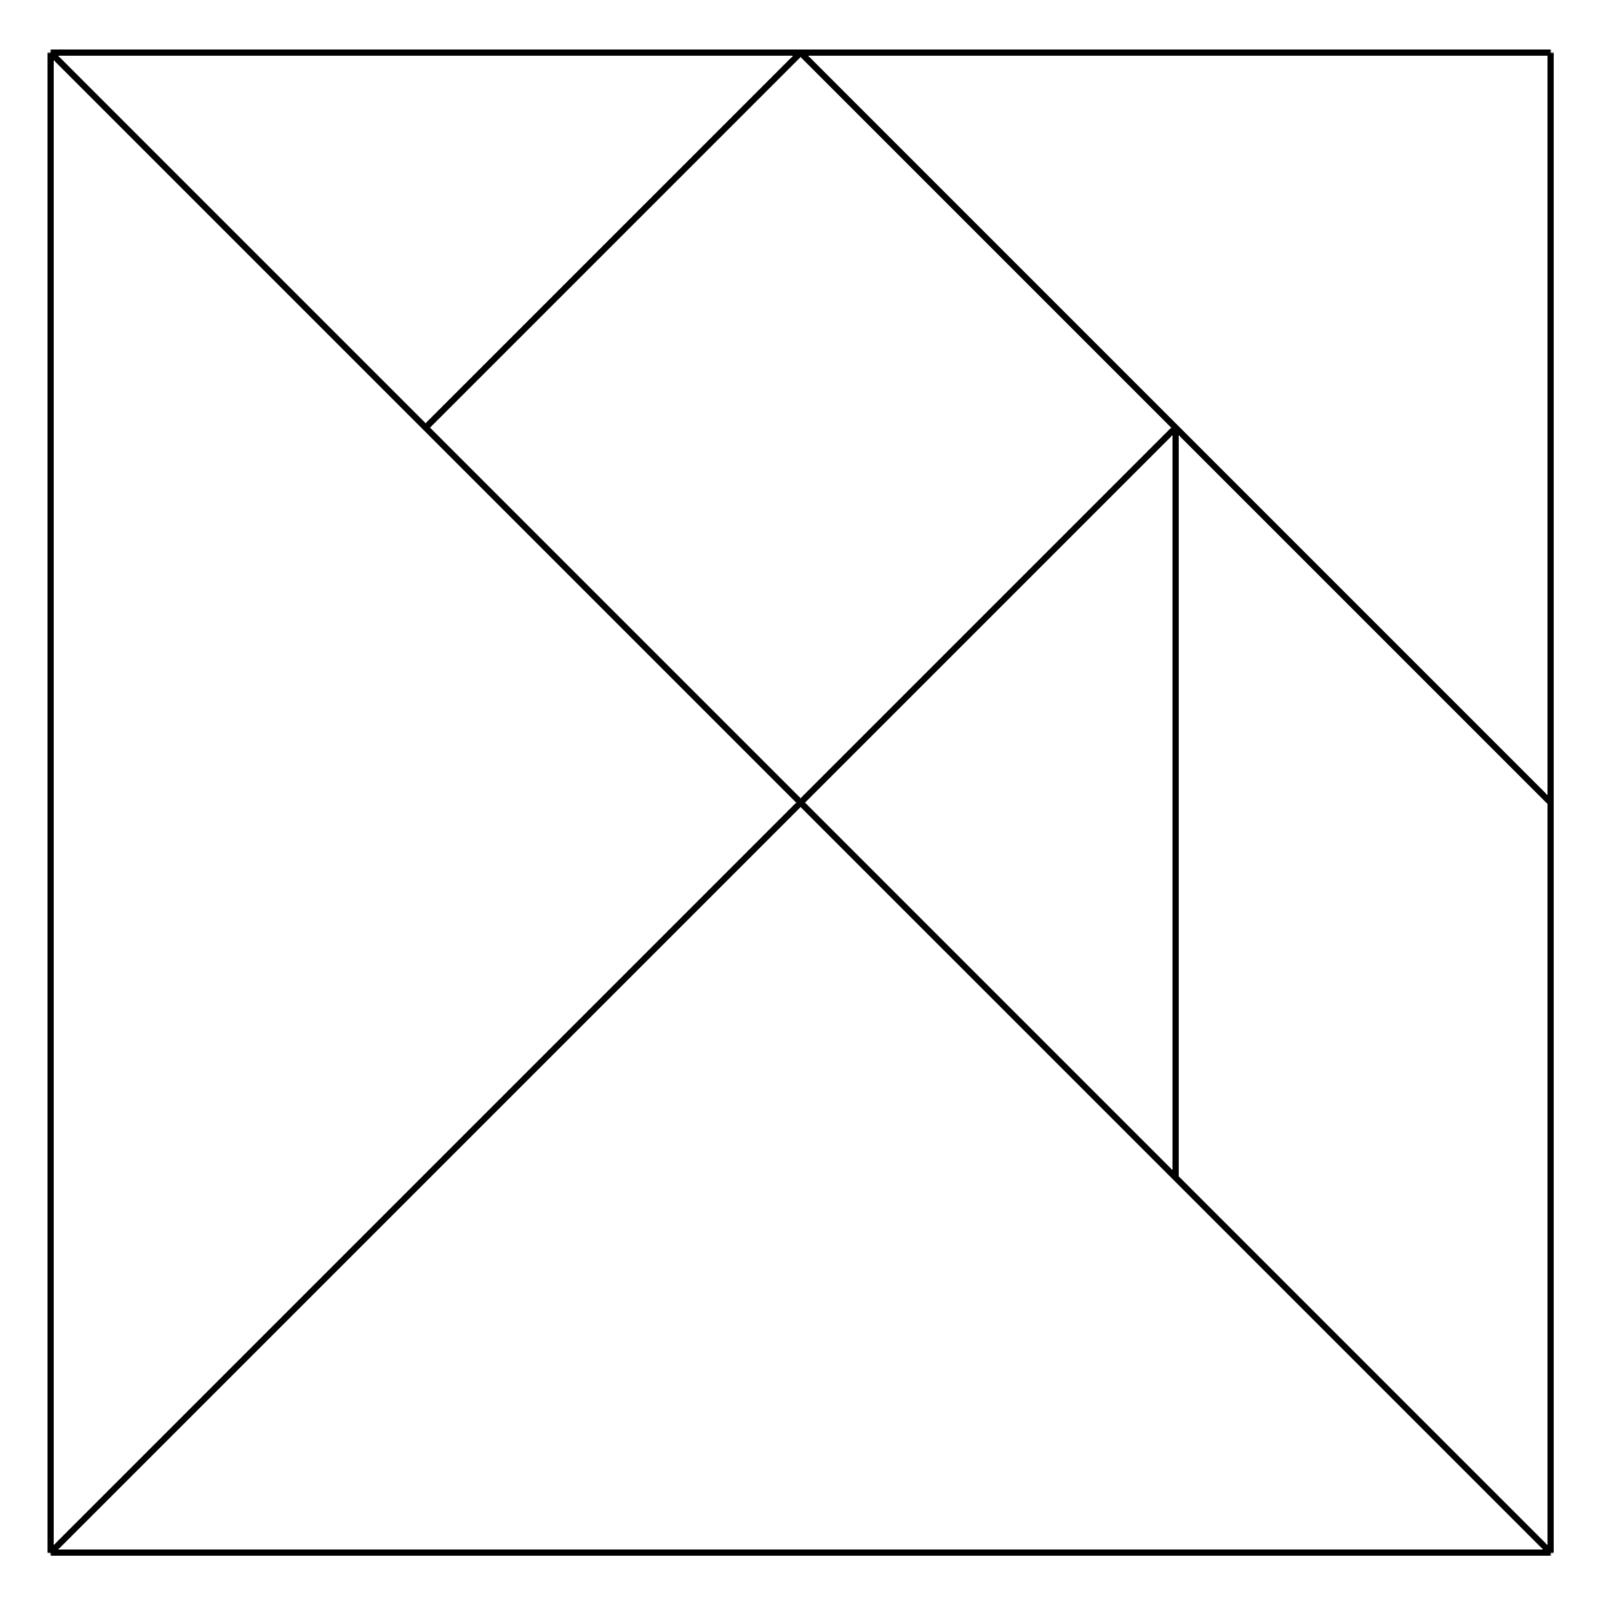 tangrams printable tangrams printable worksheet educationcom tangrams printable